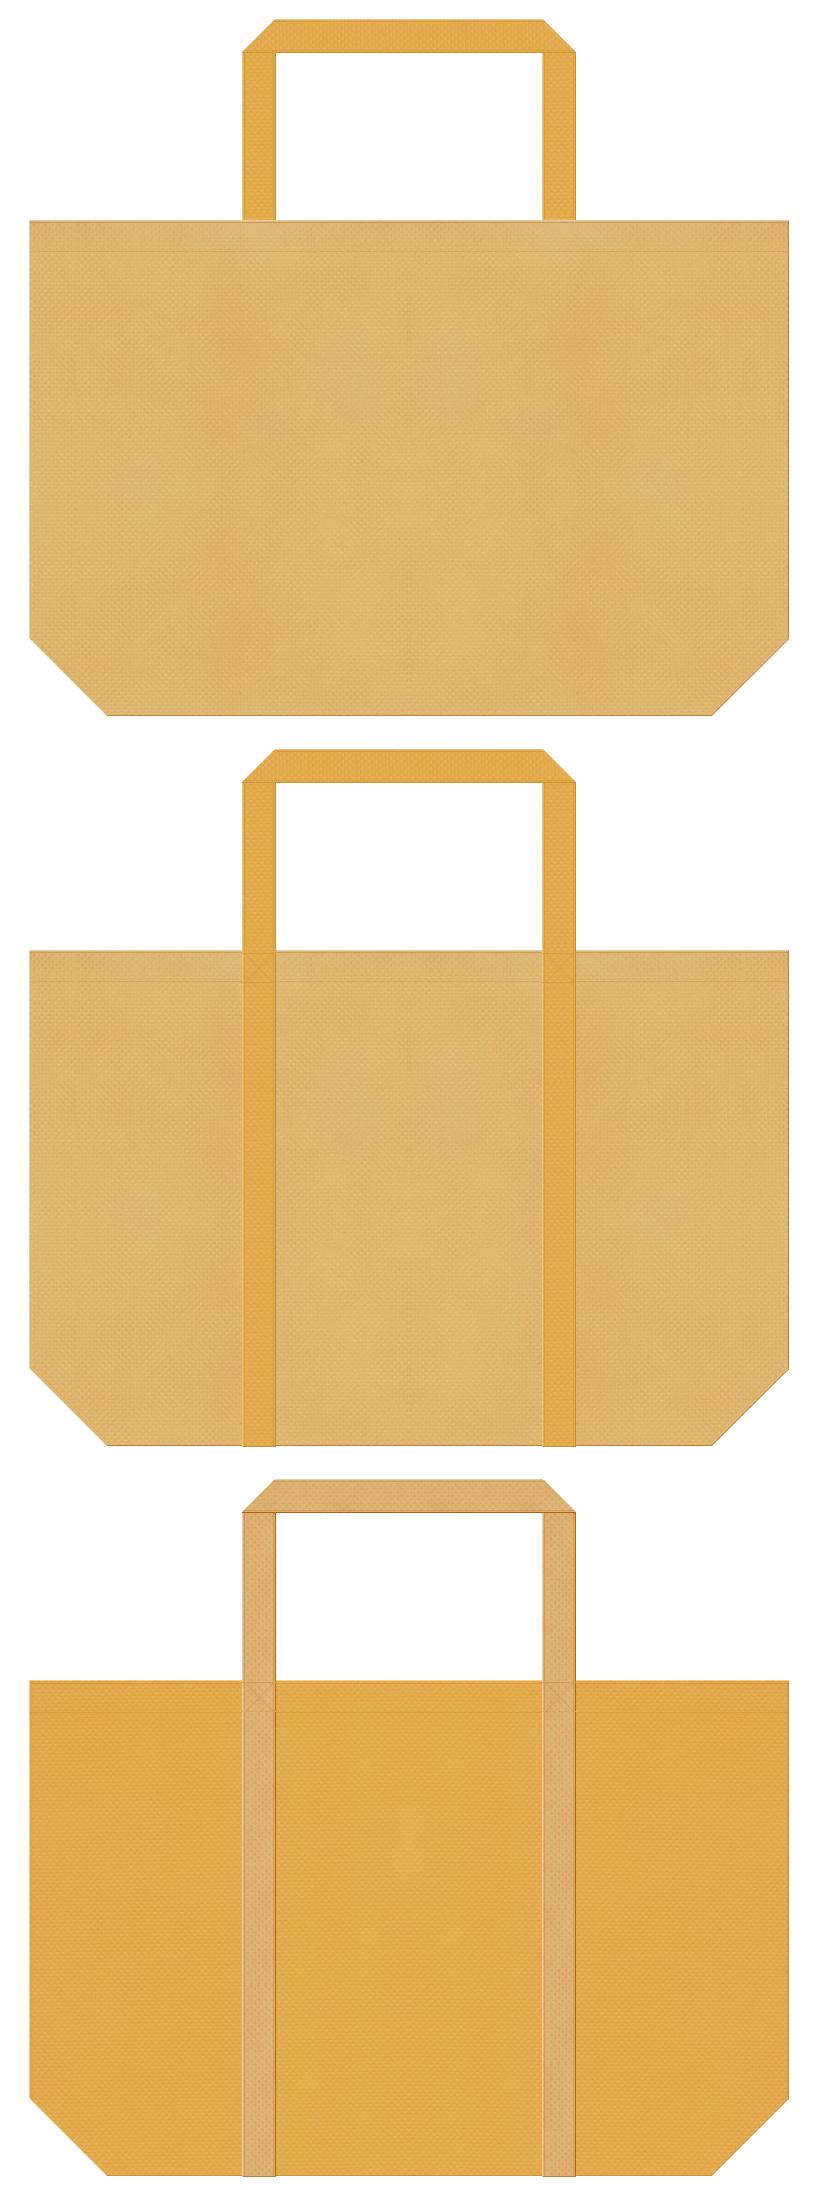 薄黄土と黄土色の不織布ショッピングバッグデザイン